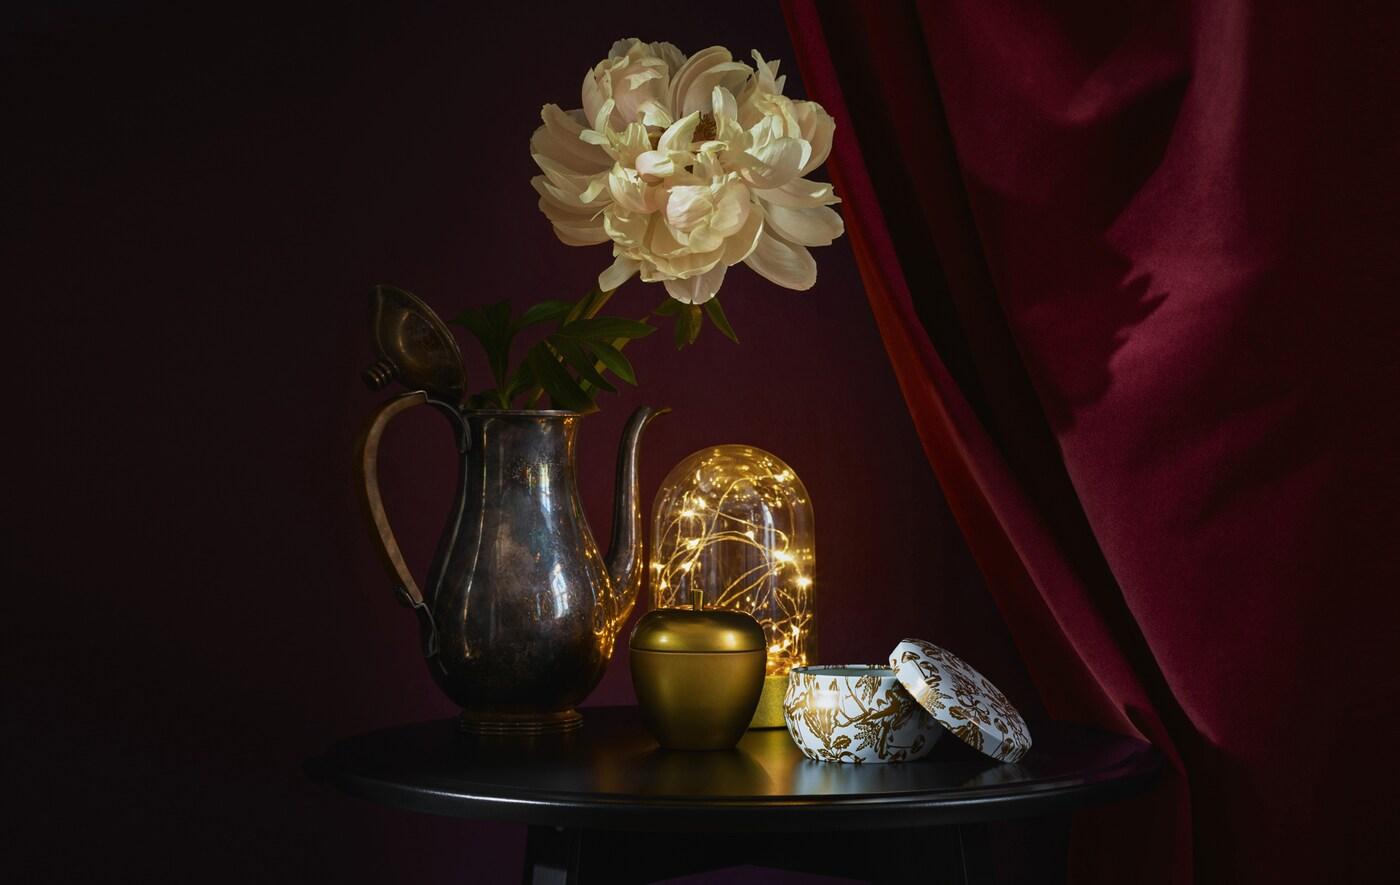 Złote akcesoria i oświetlenie na okrągłym stole na ciemnoczerwonym tle.